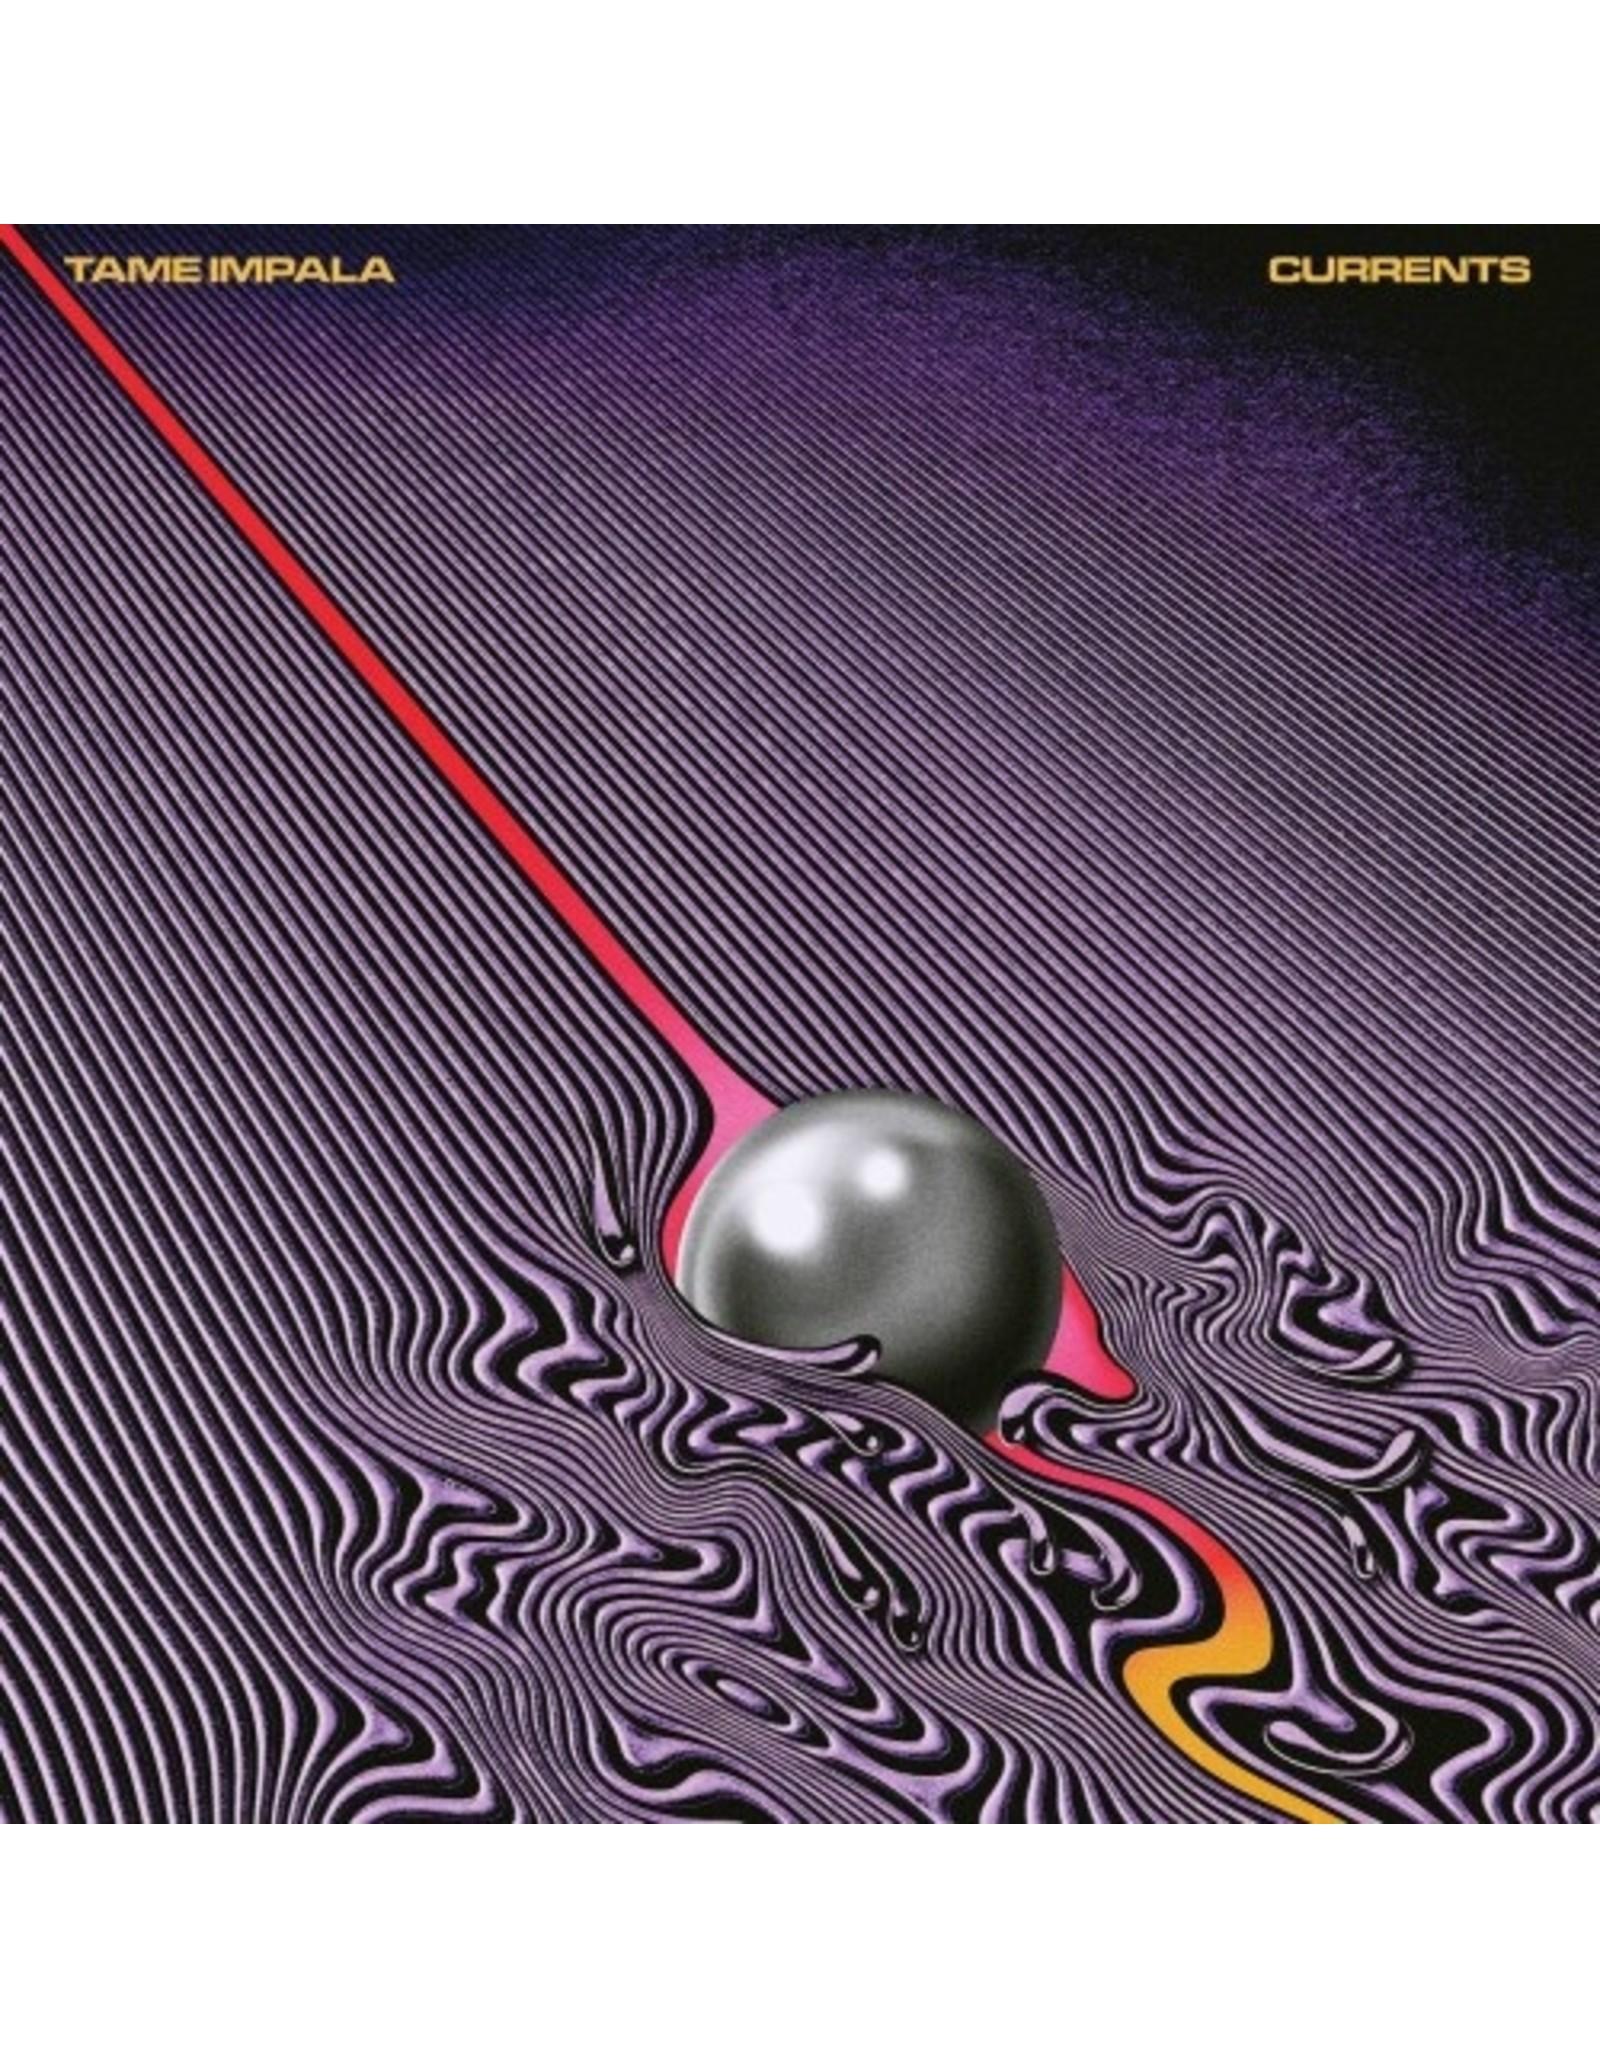 New Vinyl Tame Impala - Currents 2LP